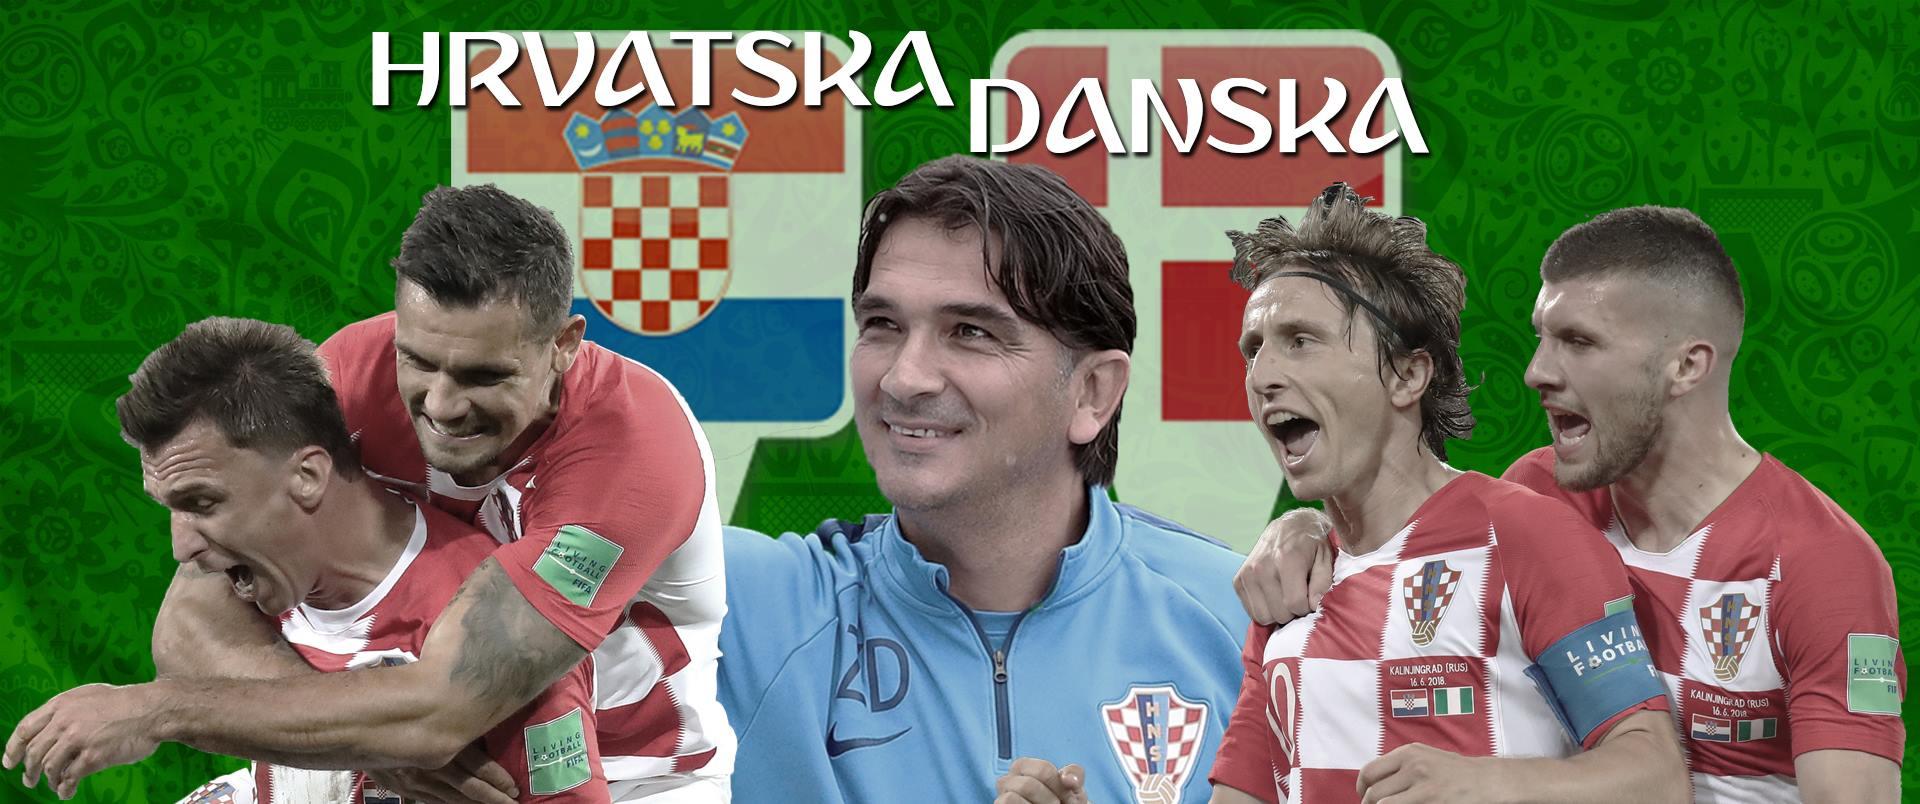 Hrvatska – Danska 3:2 (1:1), Hrvatska je u četvrtfinalu!